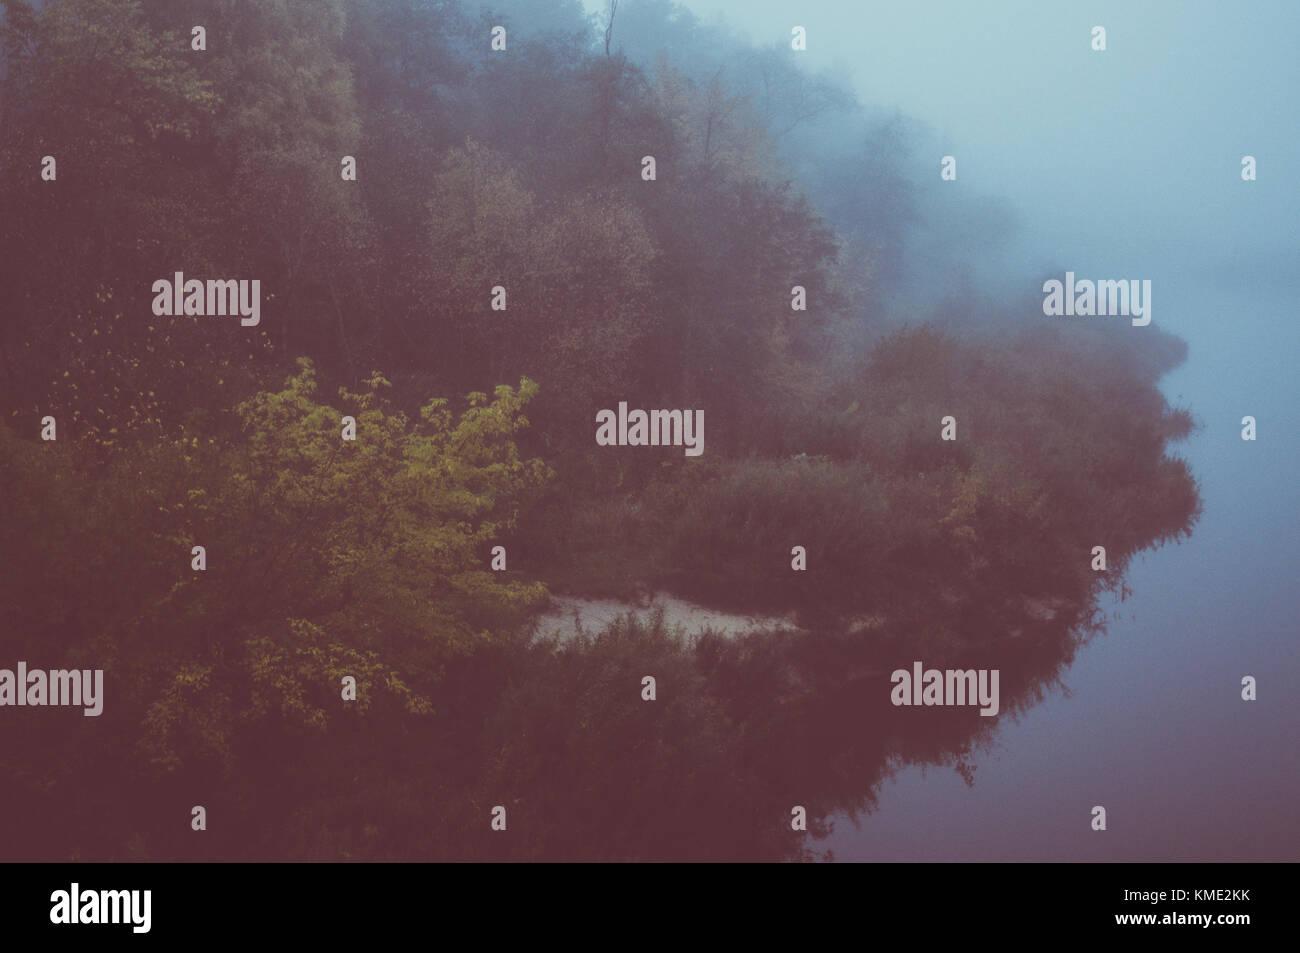 Misty morning on wild island. - Stock Image